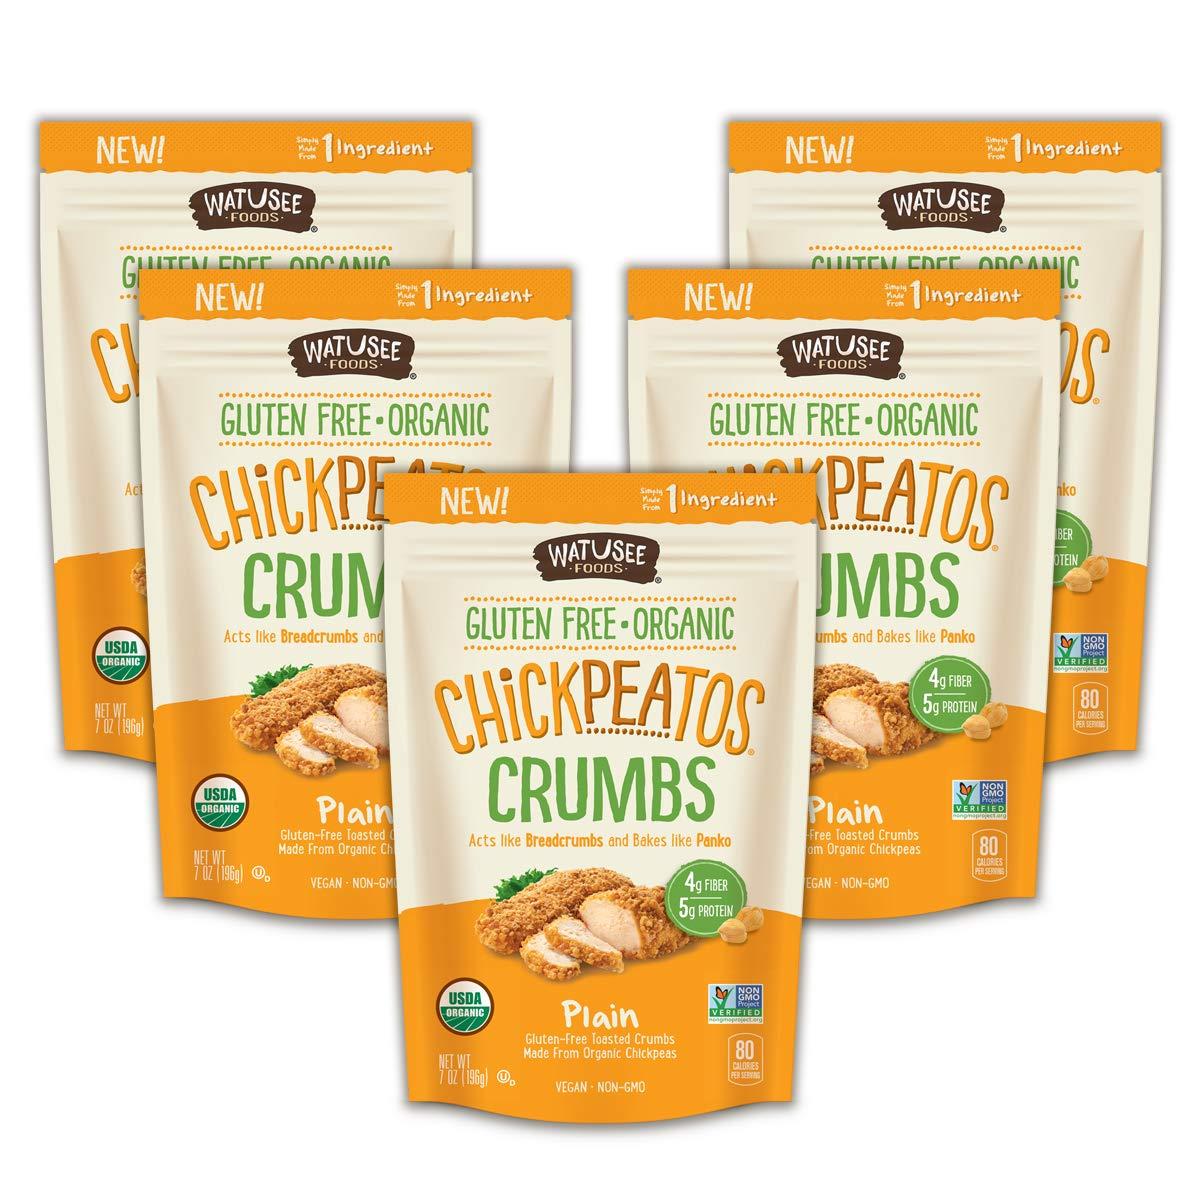 WATUSEE FOODS Organic Chickpea Crumbs Vegan Chickpea Breadcrumb 6 Pack 7 oz. Bag Gluten Free, Crunchy Panko Alternative Plain by Watusee Foods